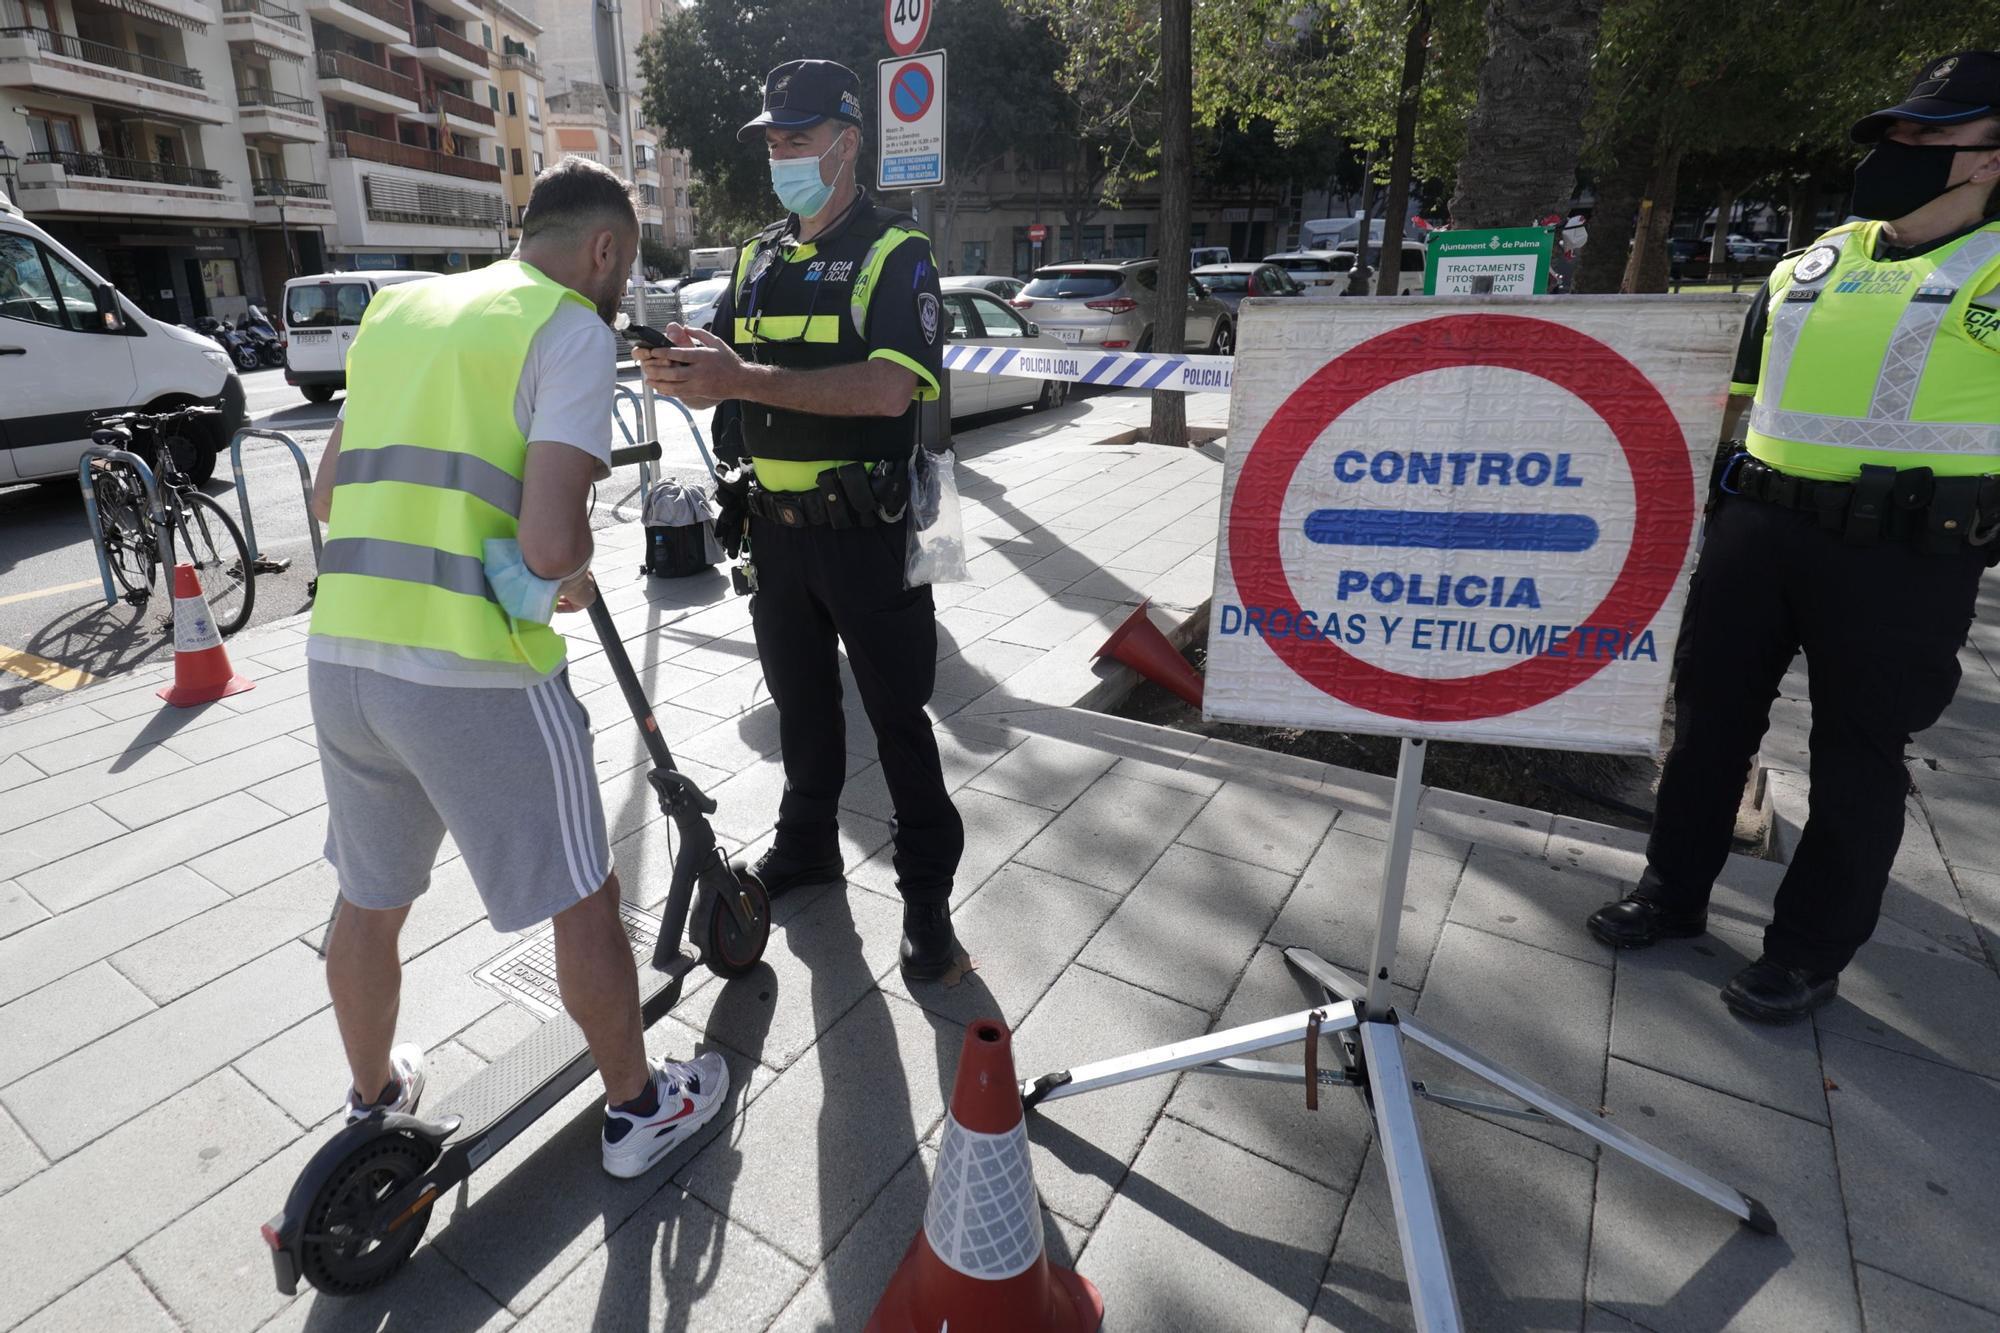 Control de alcoholemia a patinetes en Palma: Siete multas en una hora y media